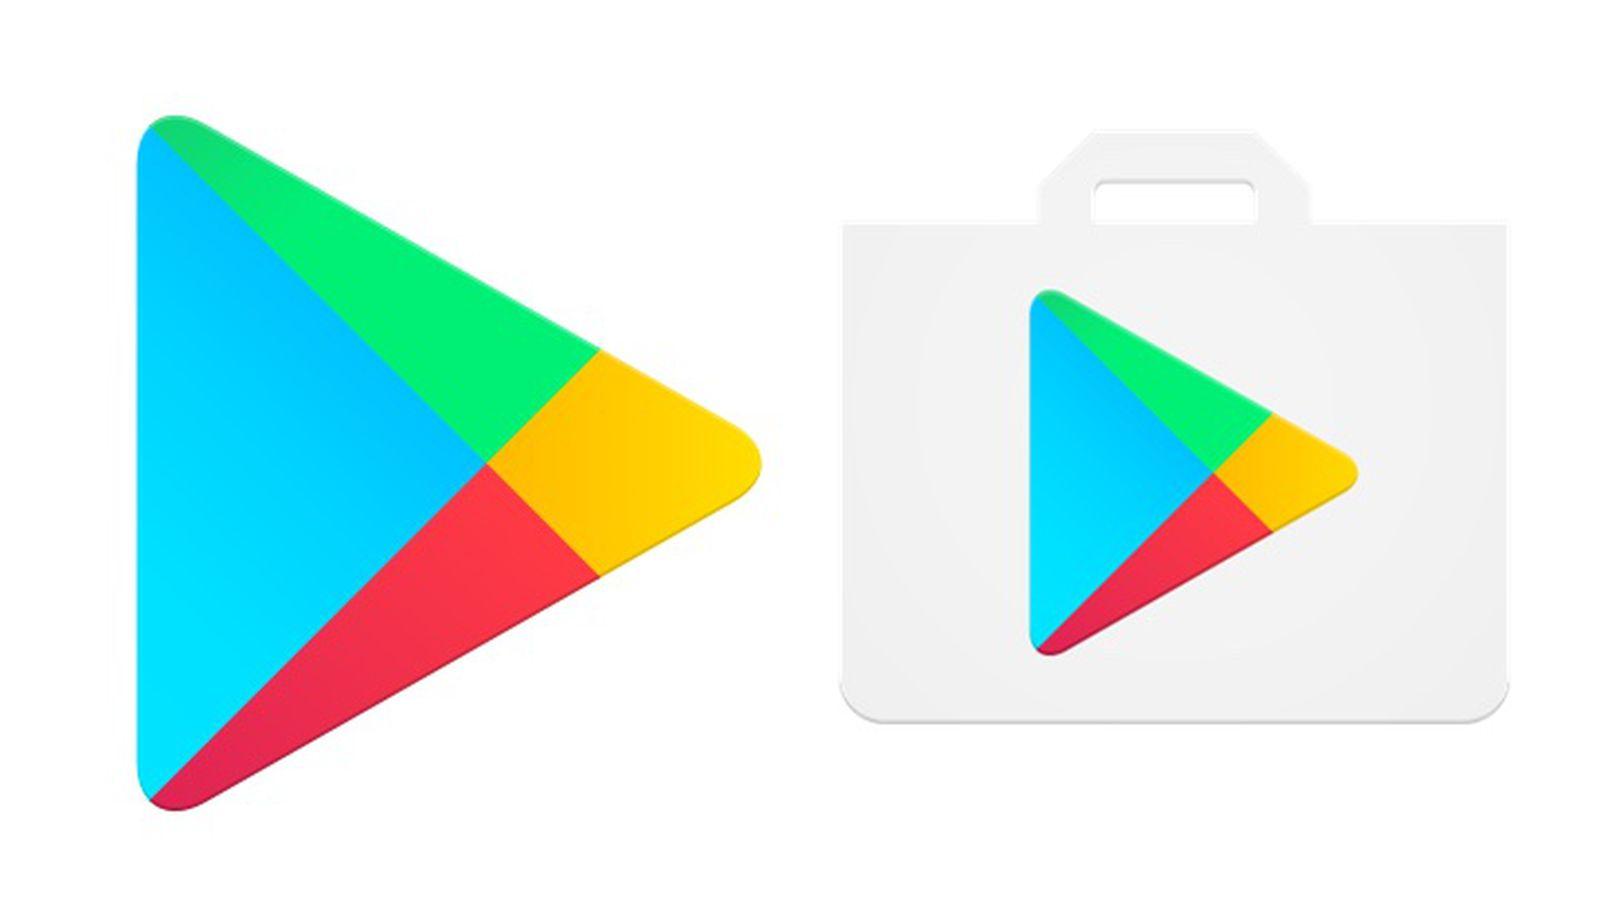 Google Play: rimborso entro 14 giorni per app e servizi acquistati